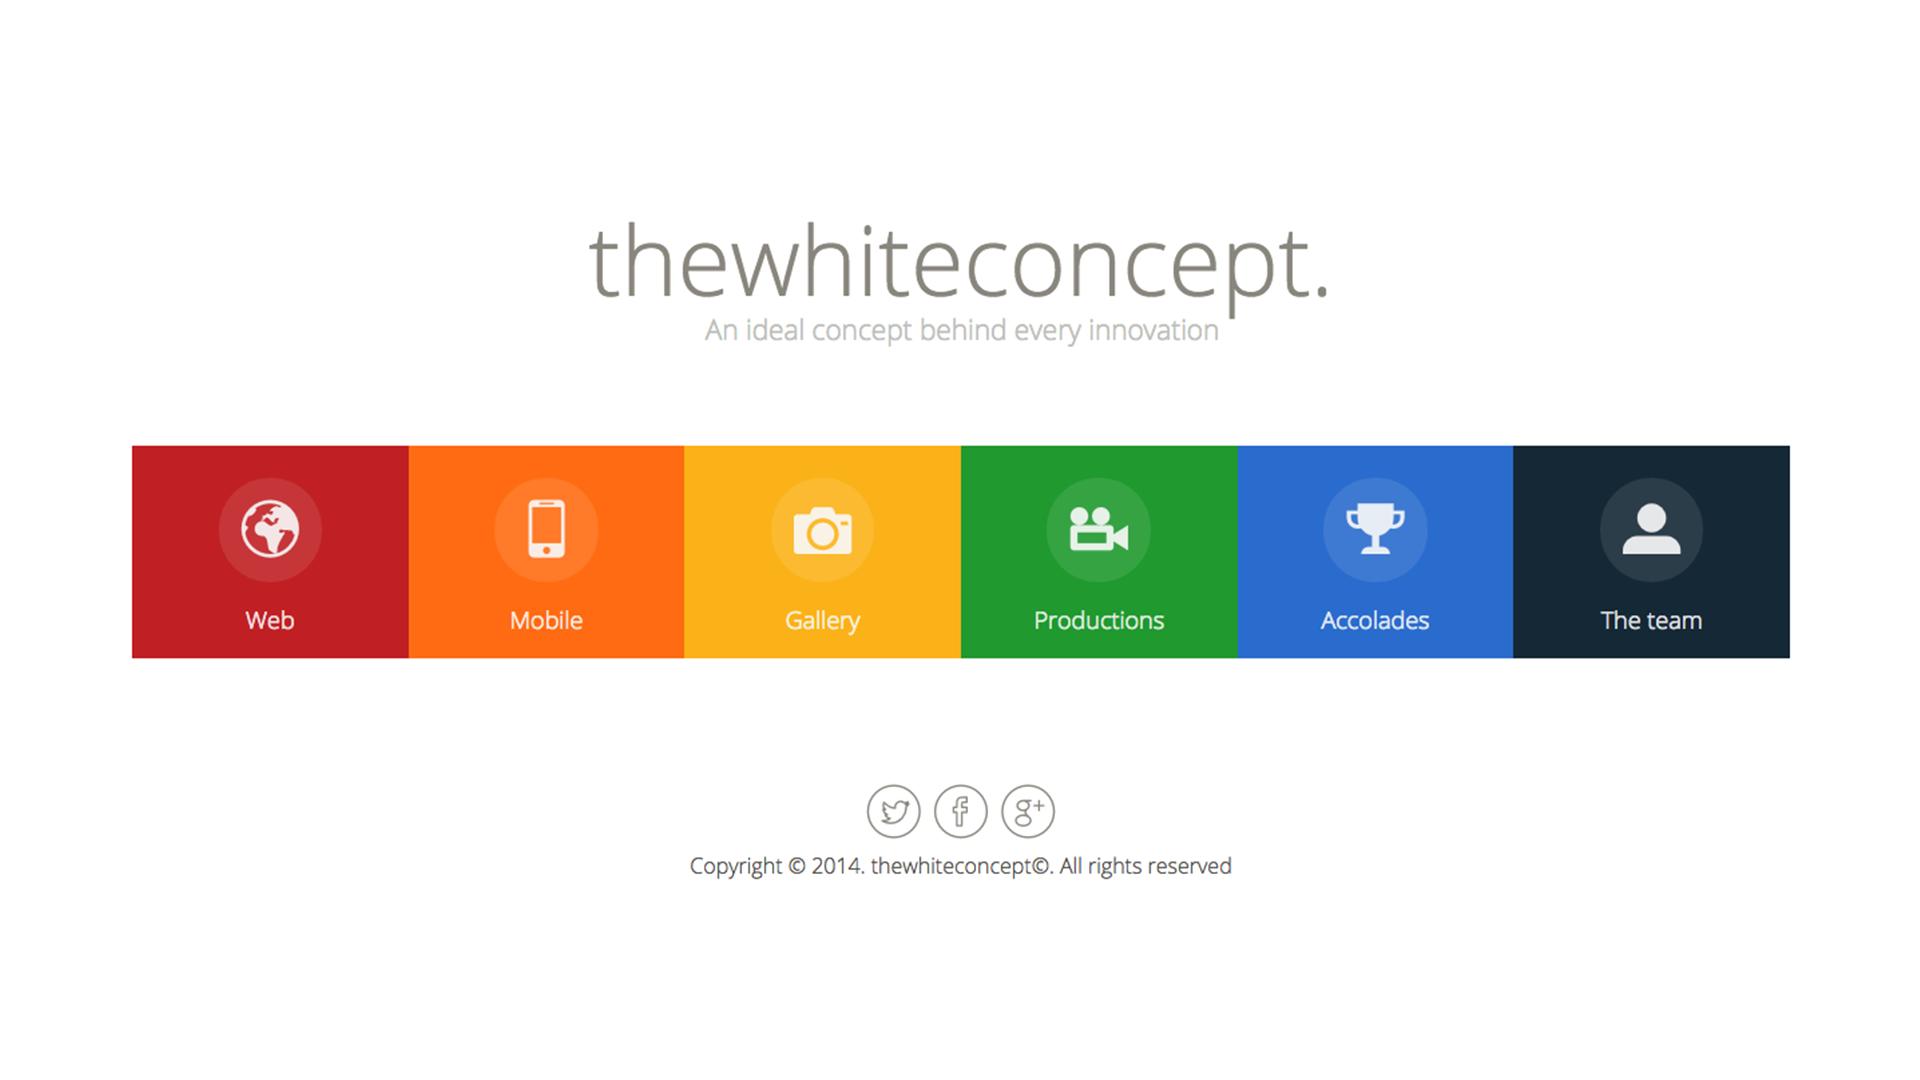 thewhiteconcept